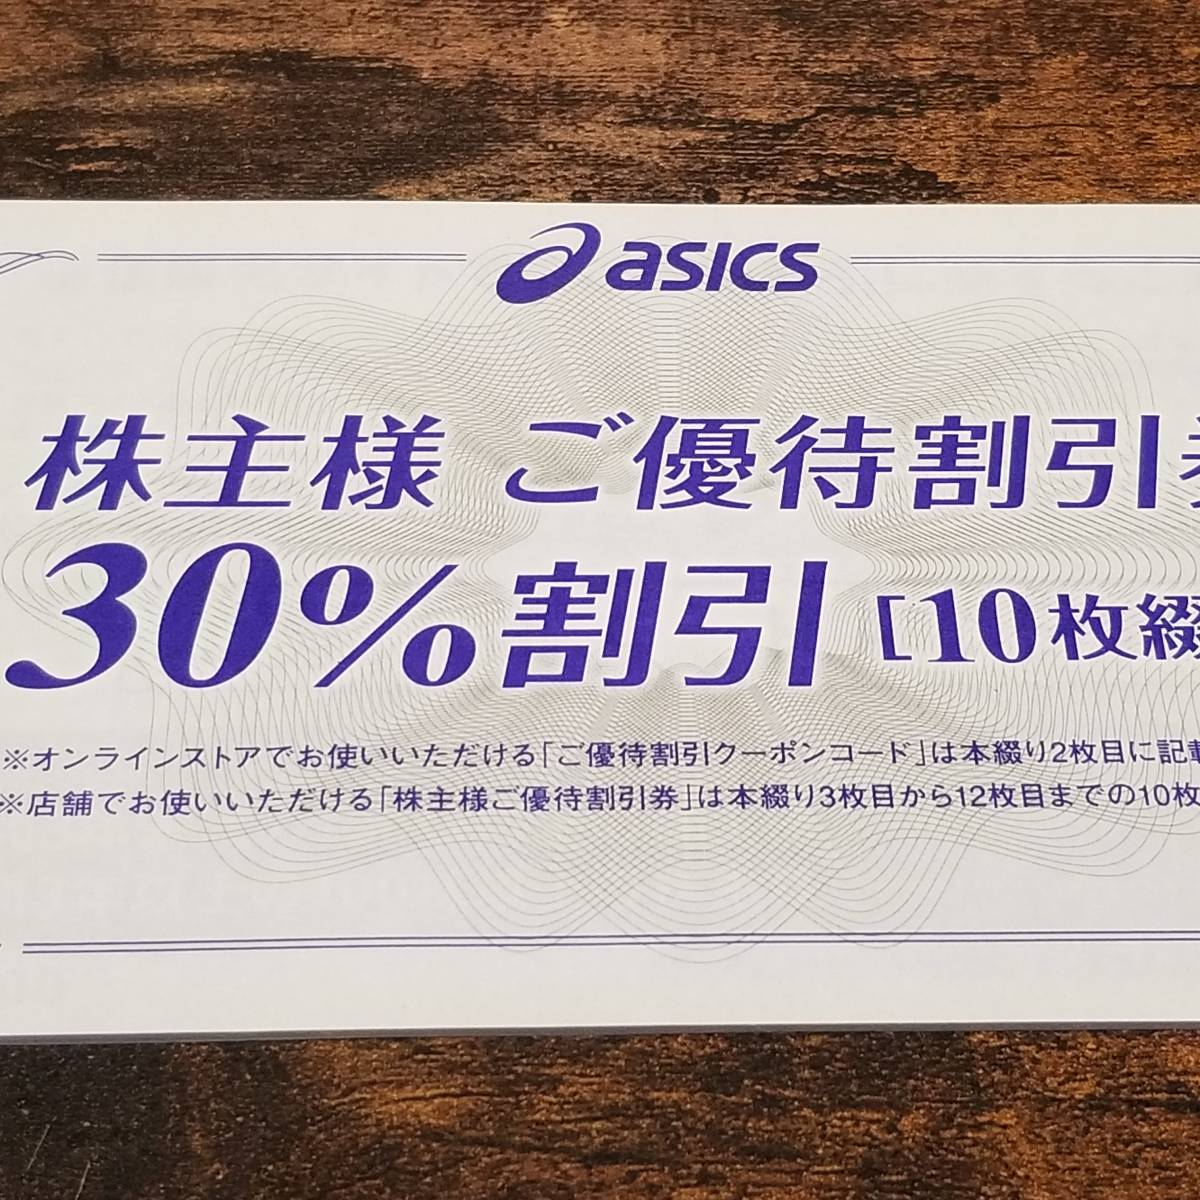 アシックス株主優待 30%割引券10枚+オンラインストア25%割引クーポンコード(10回利用可)_画像1